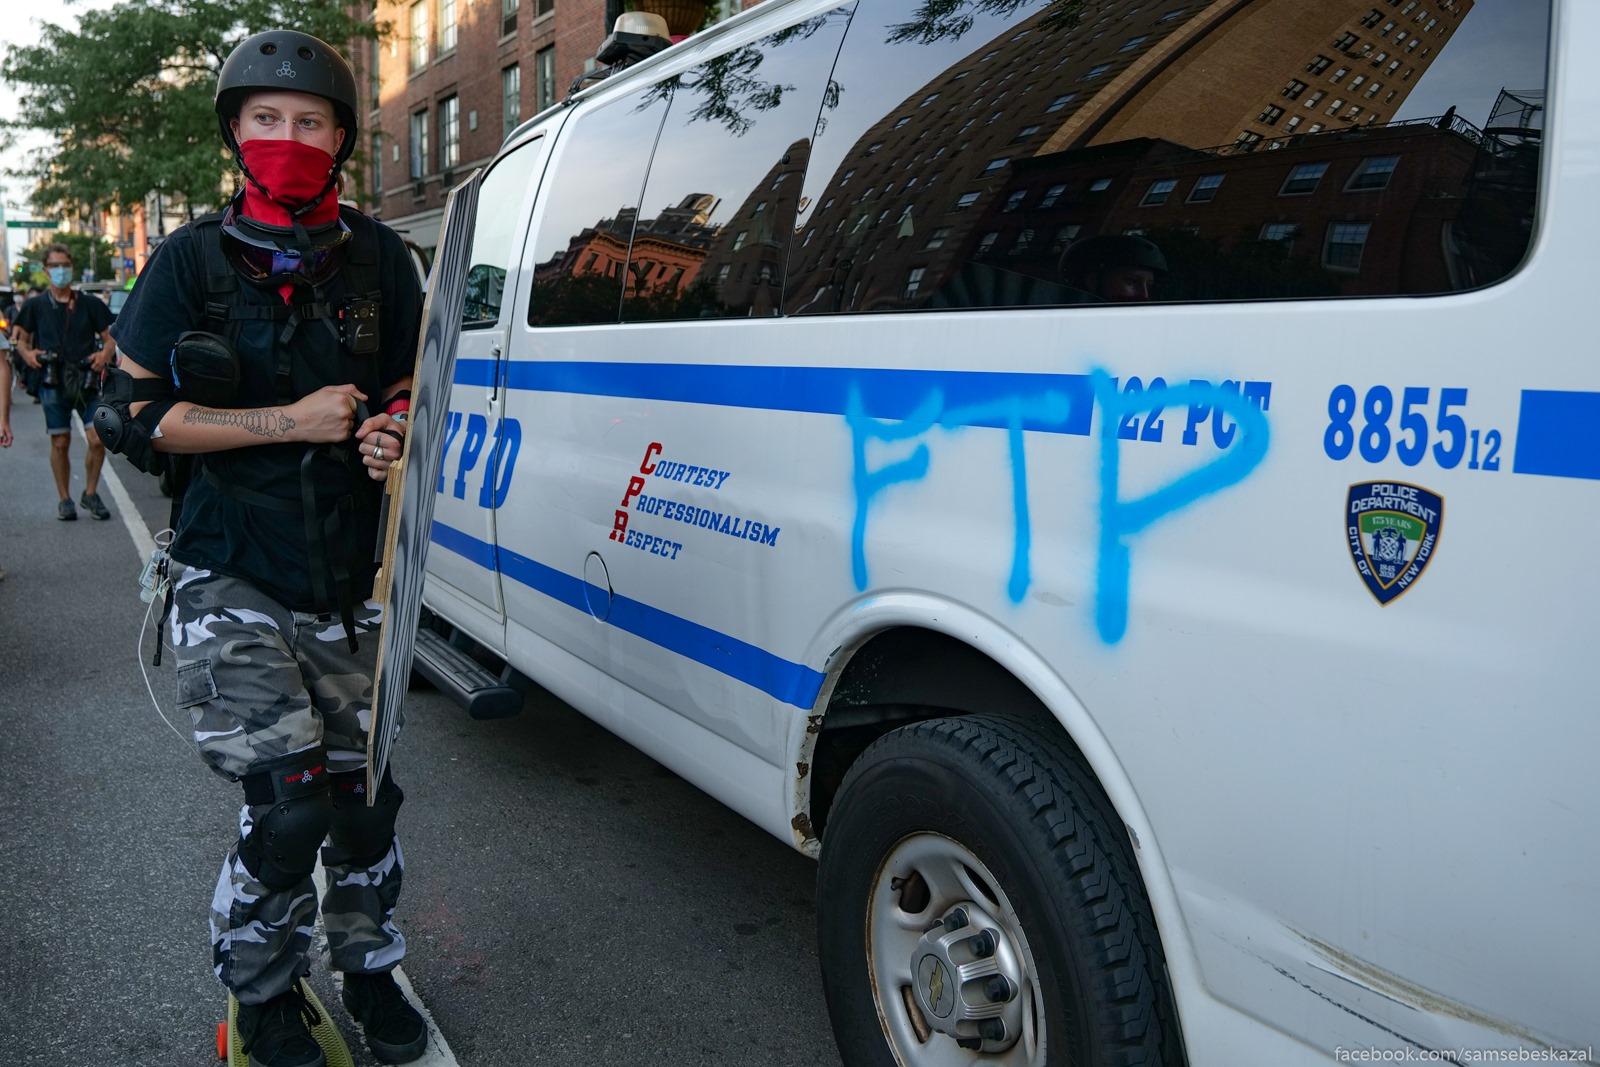 Два месяца с начала протестов в Нью-Йорке Devuska v zasite i svezaa...